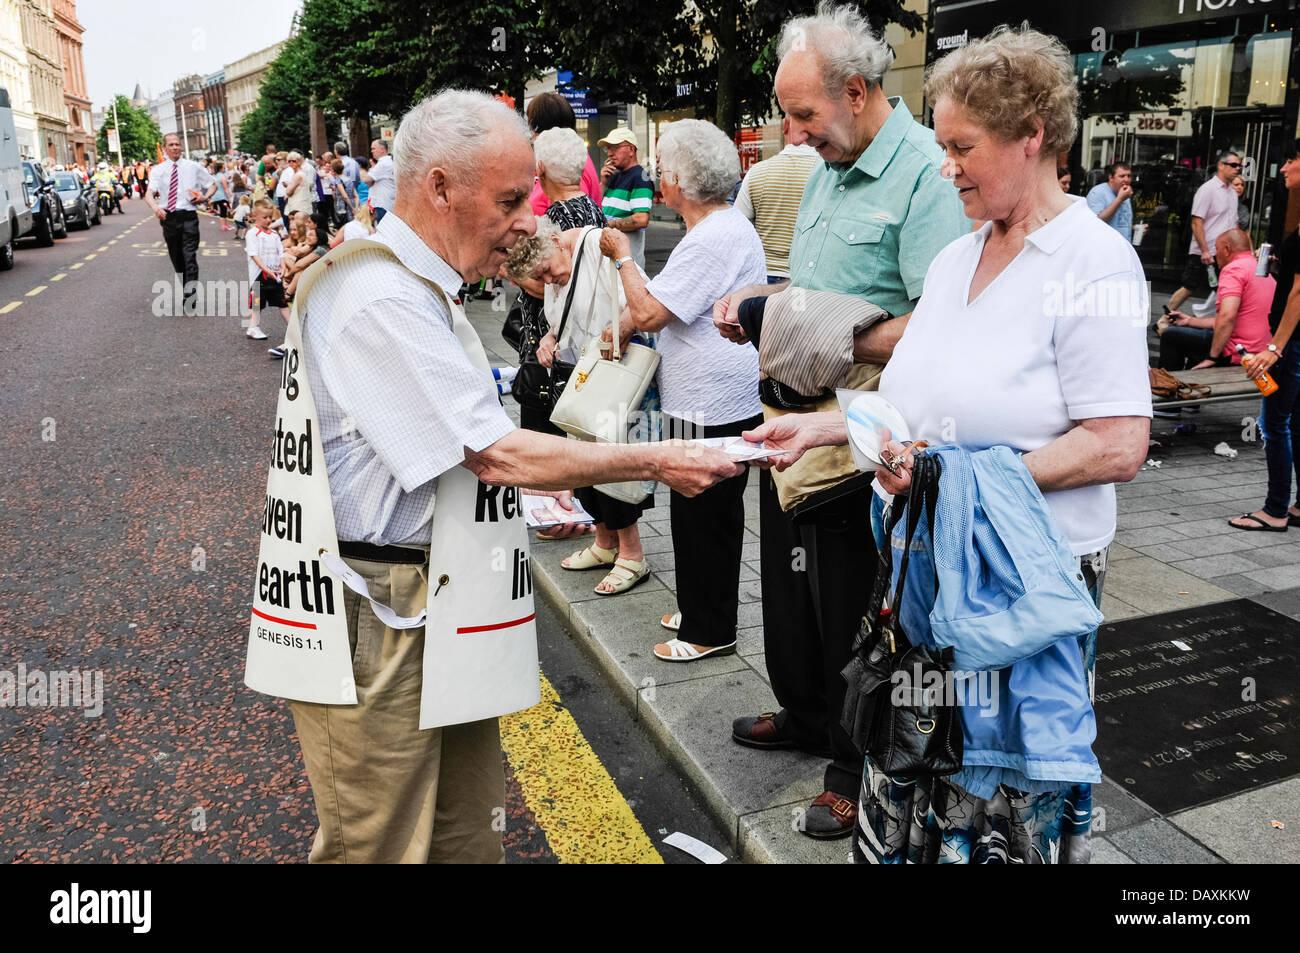 Un homme portant une veste avec versets bibliques distribue des tracts religieux à des gens dans la foule Banque D'Images